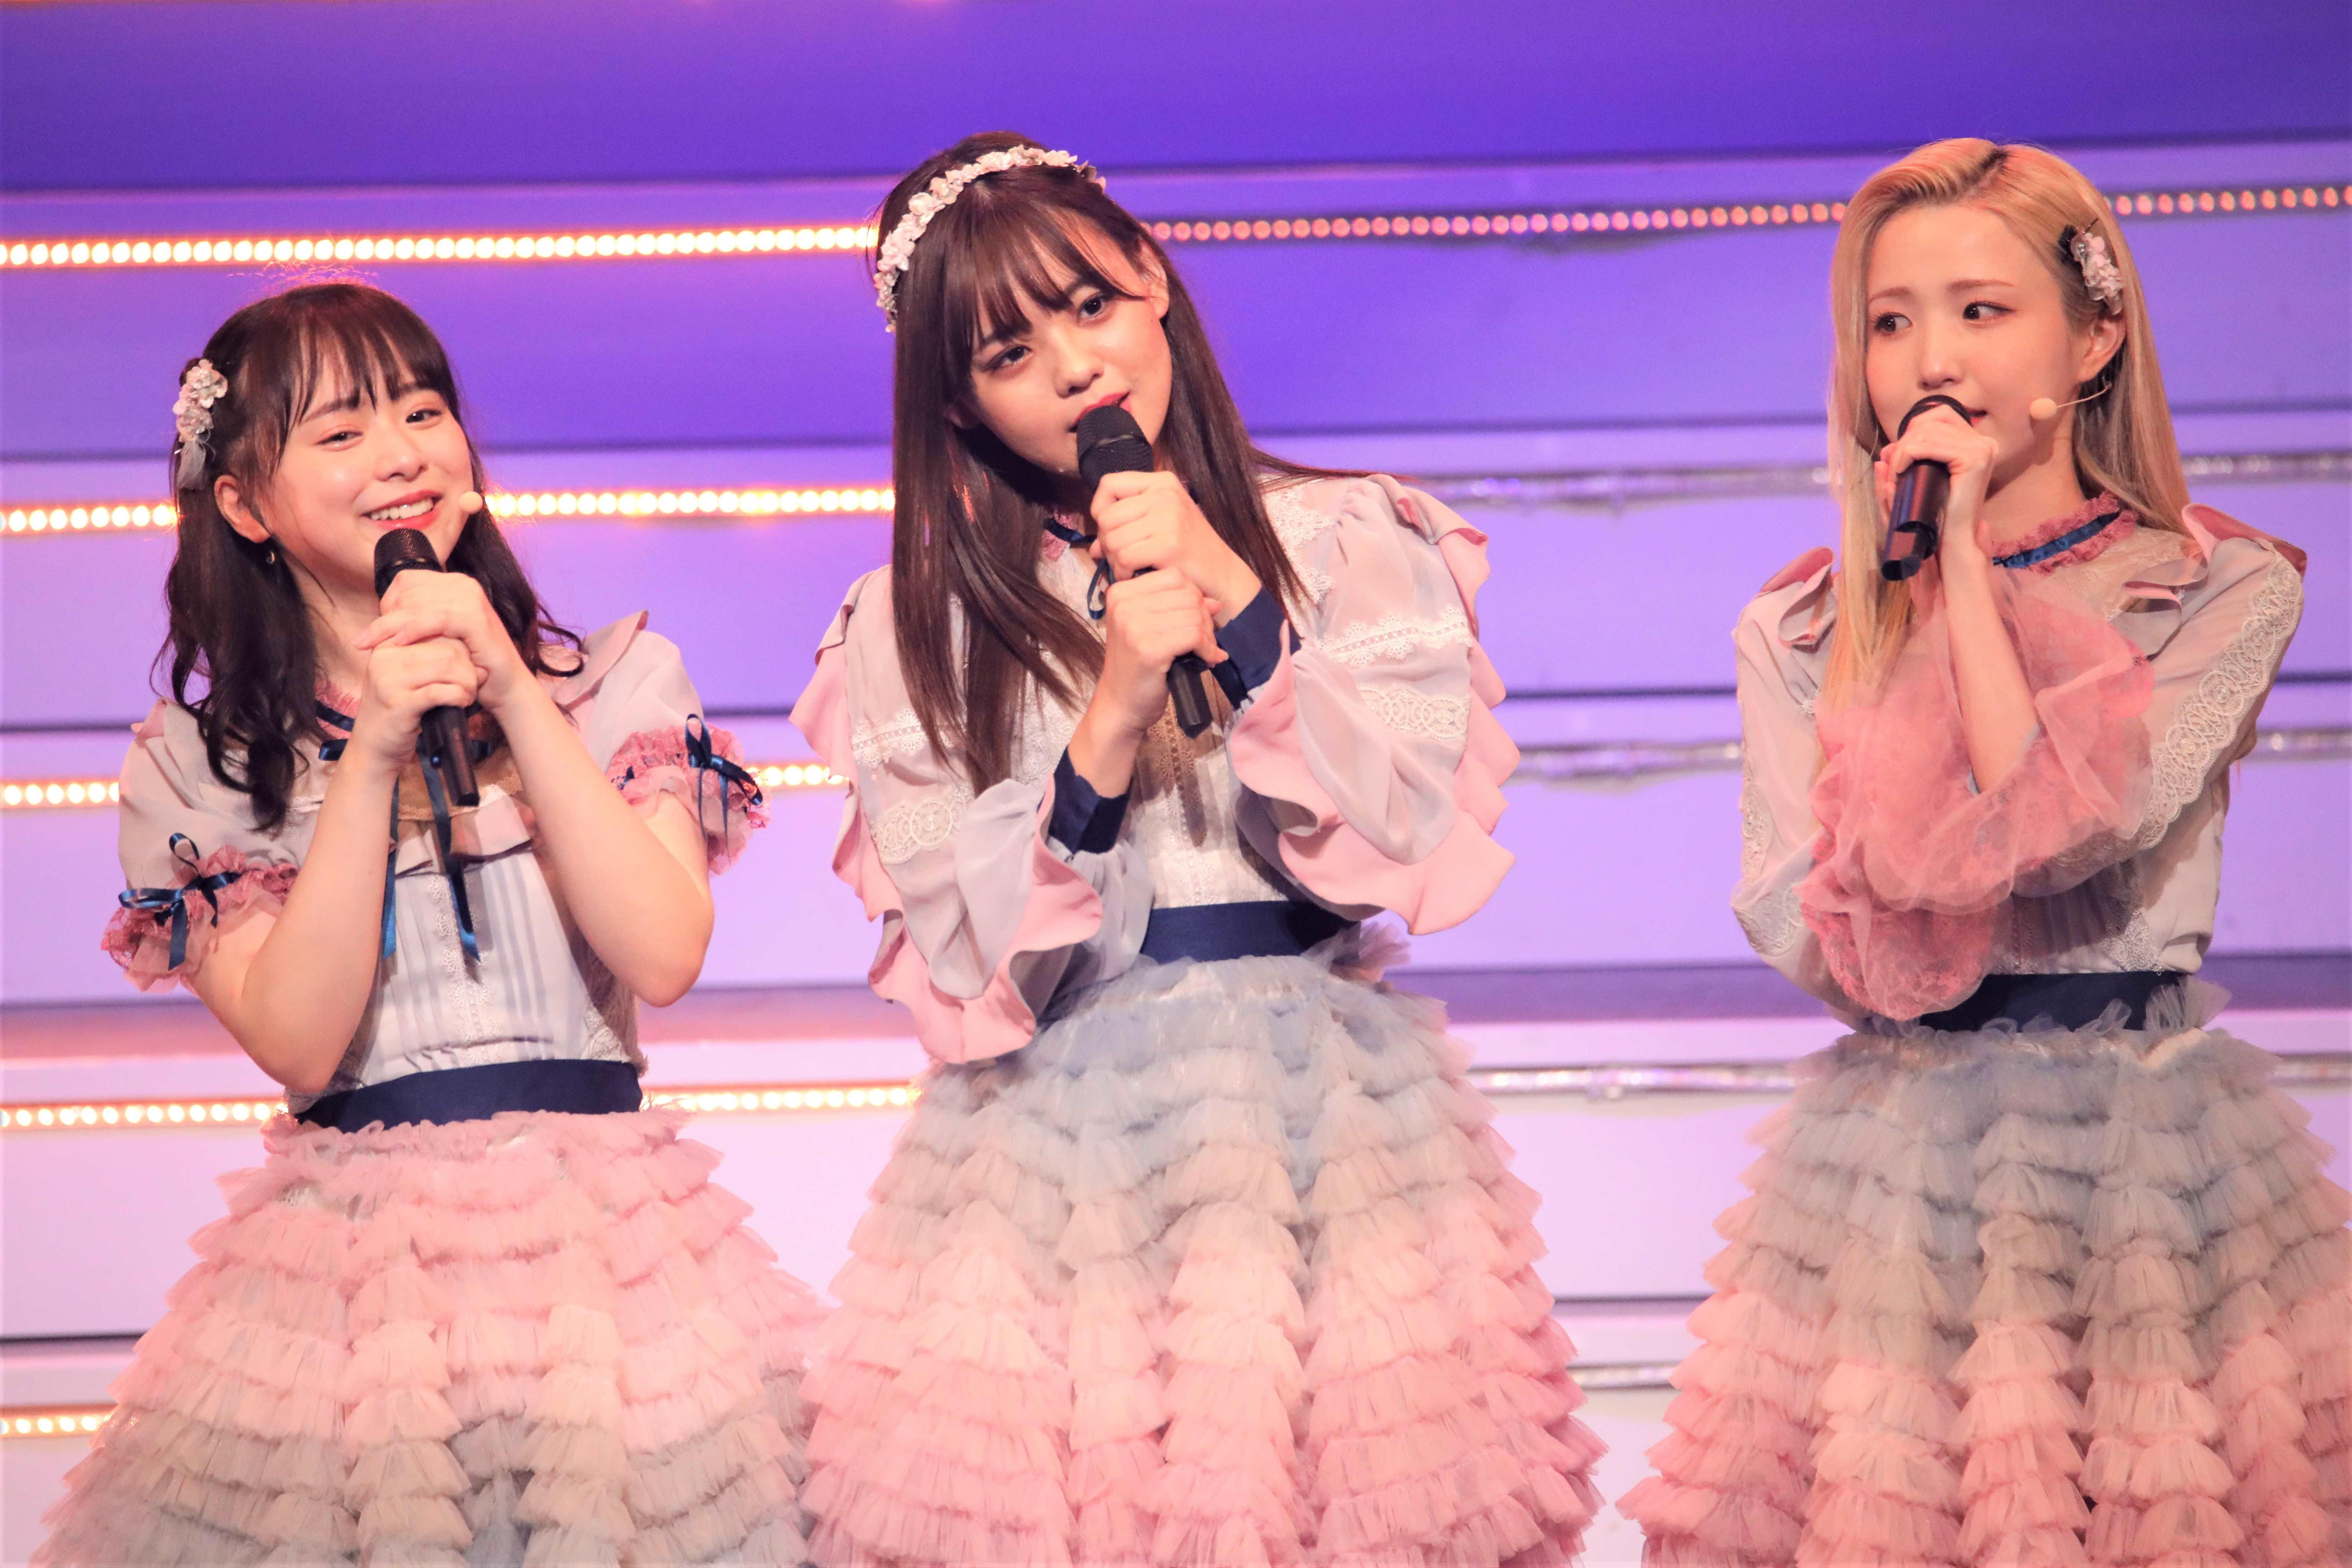 倉野尾成美、宮里莉羅、本田仁美 ©AKB48 THE AUDISHOW製作委員会 無断アップロード及び転送は一切禁止です。